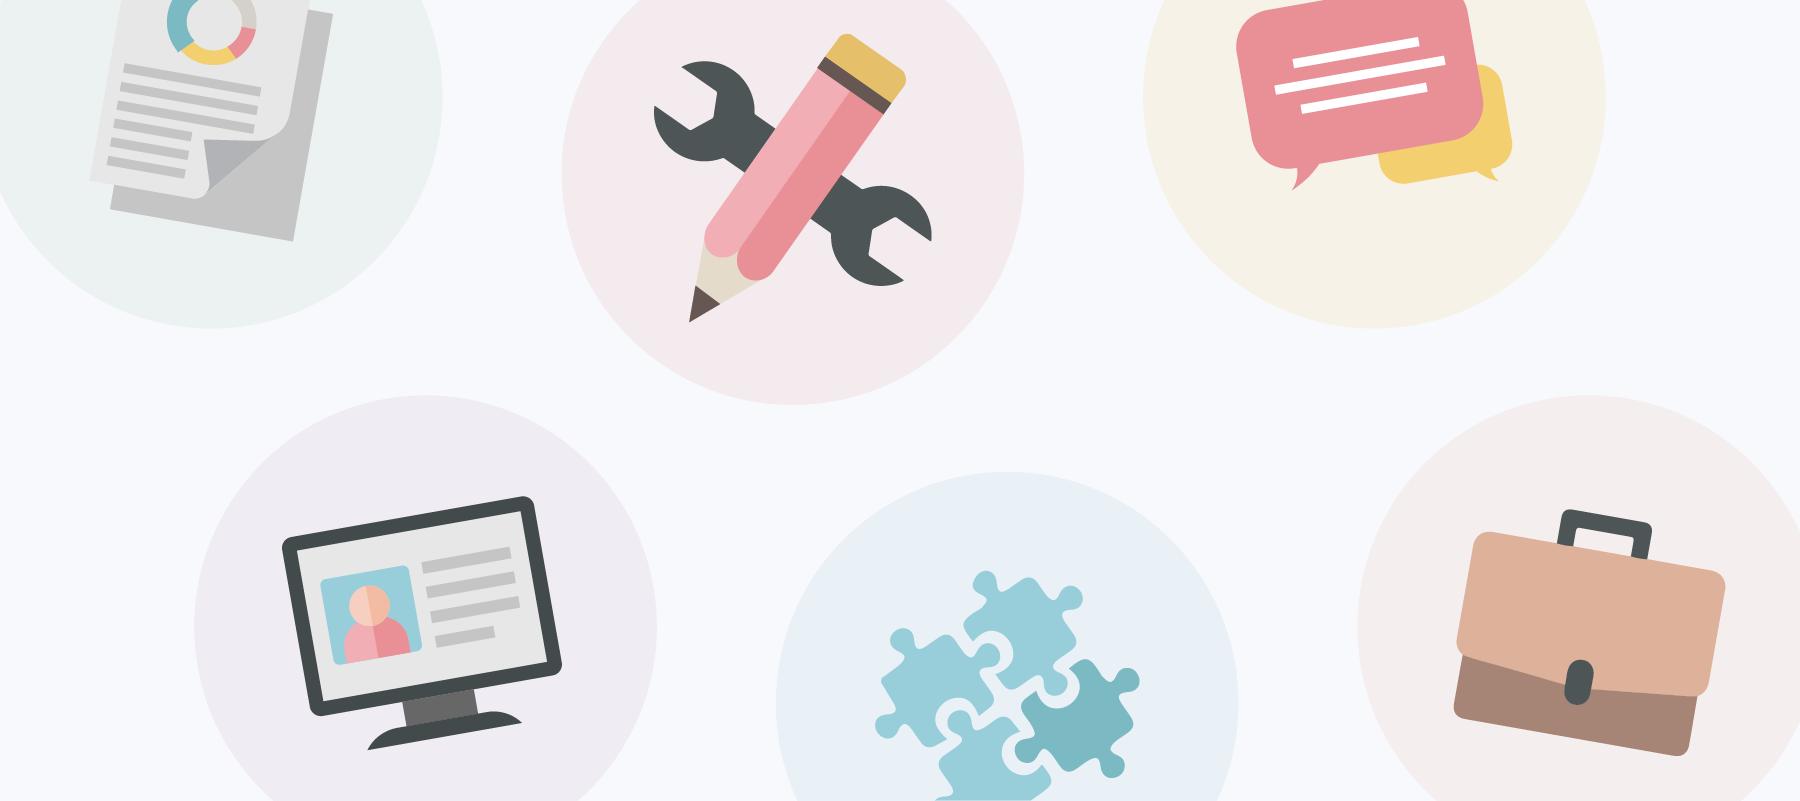 blog-6-components-newsletter